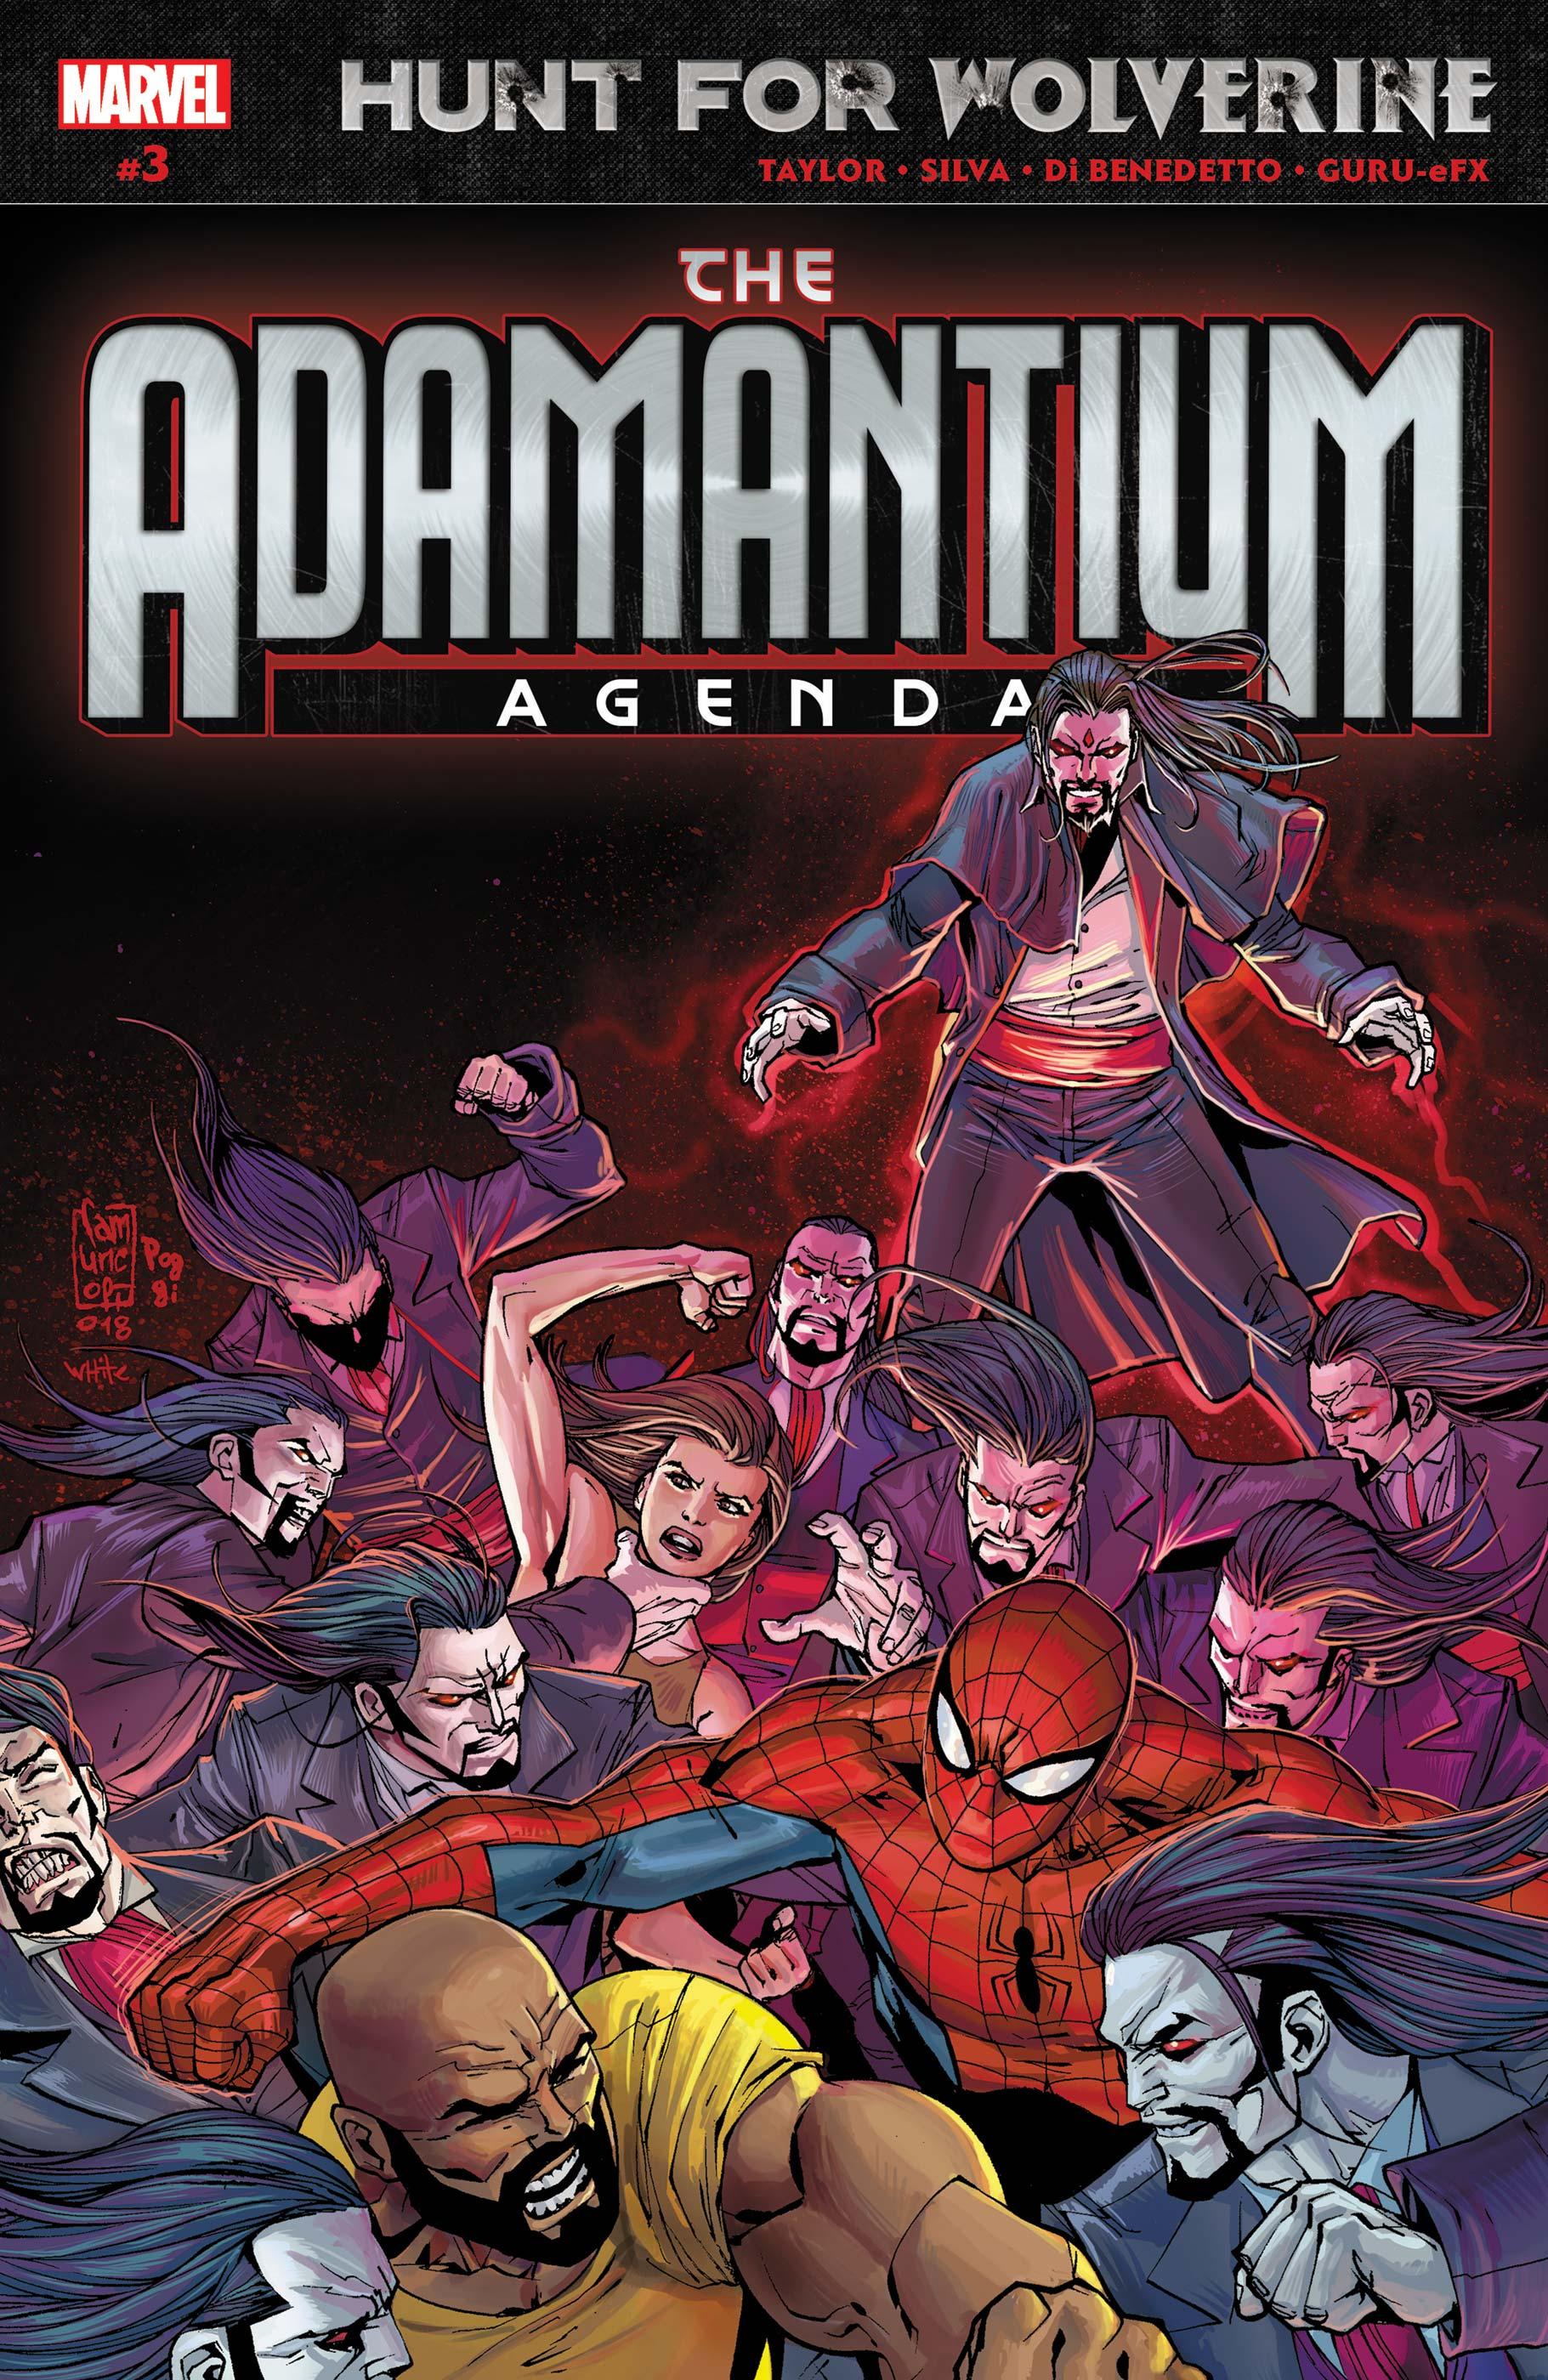 Hunt for Wolverine: Adamantium Agenda (2018) #3